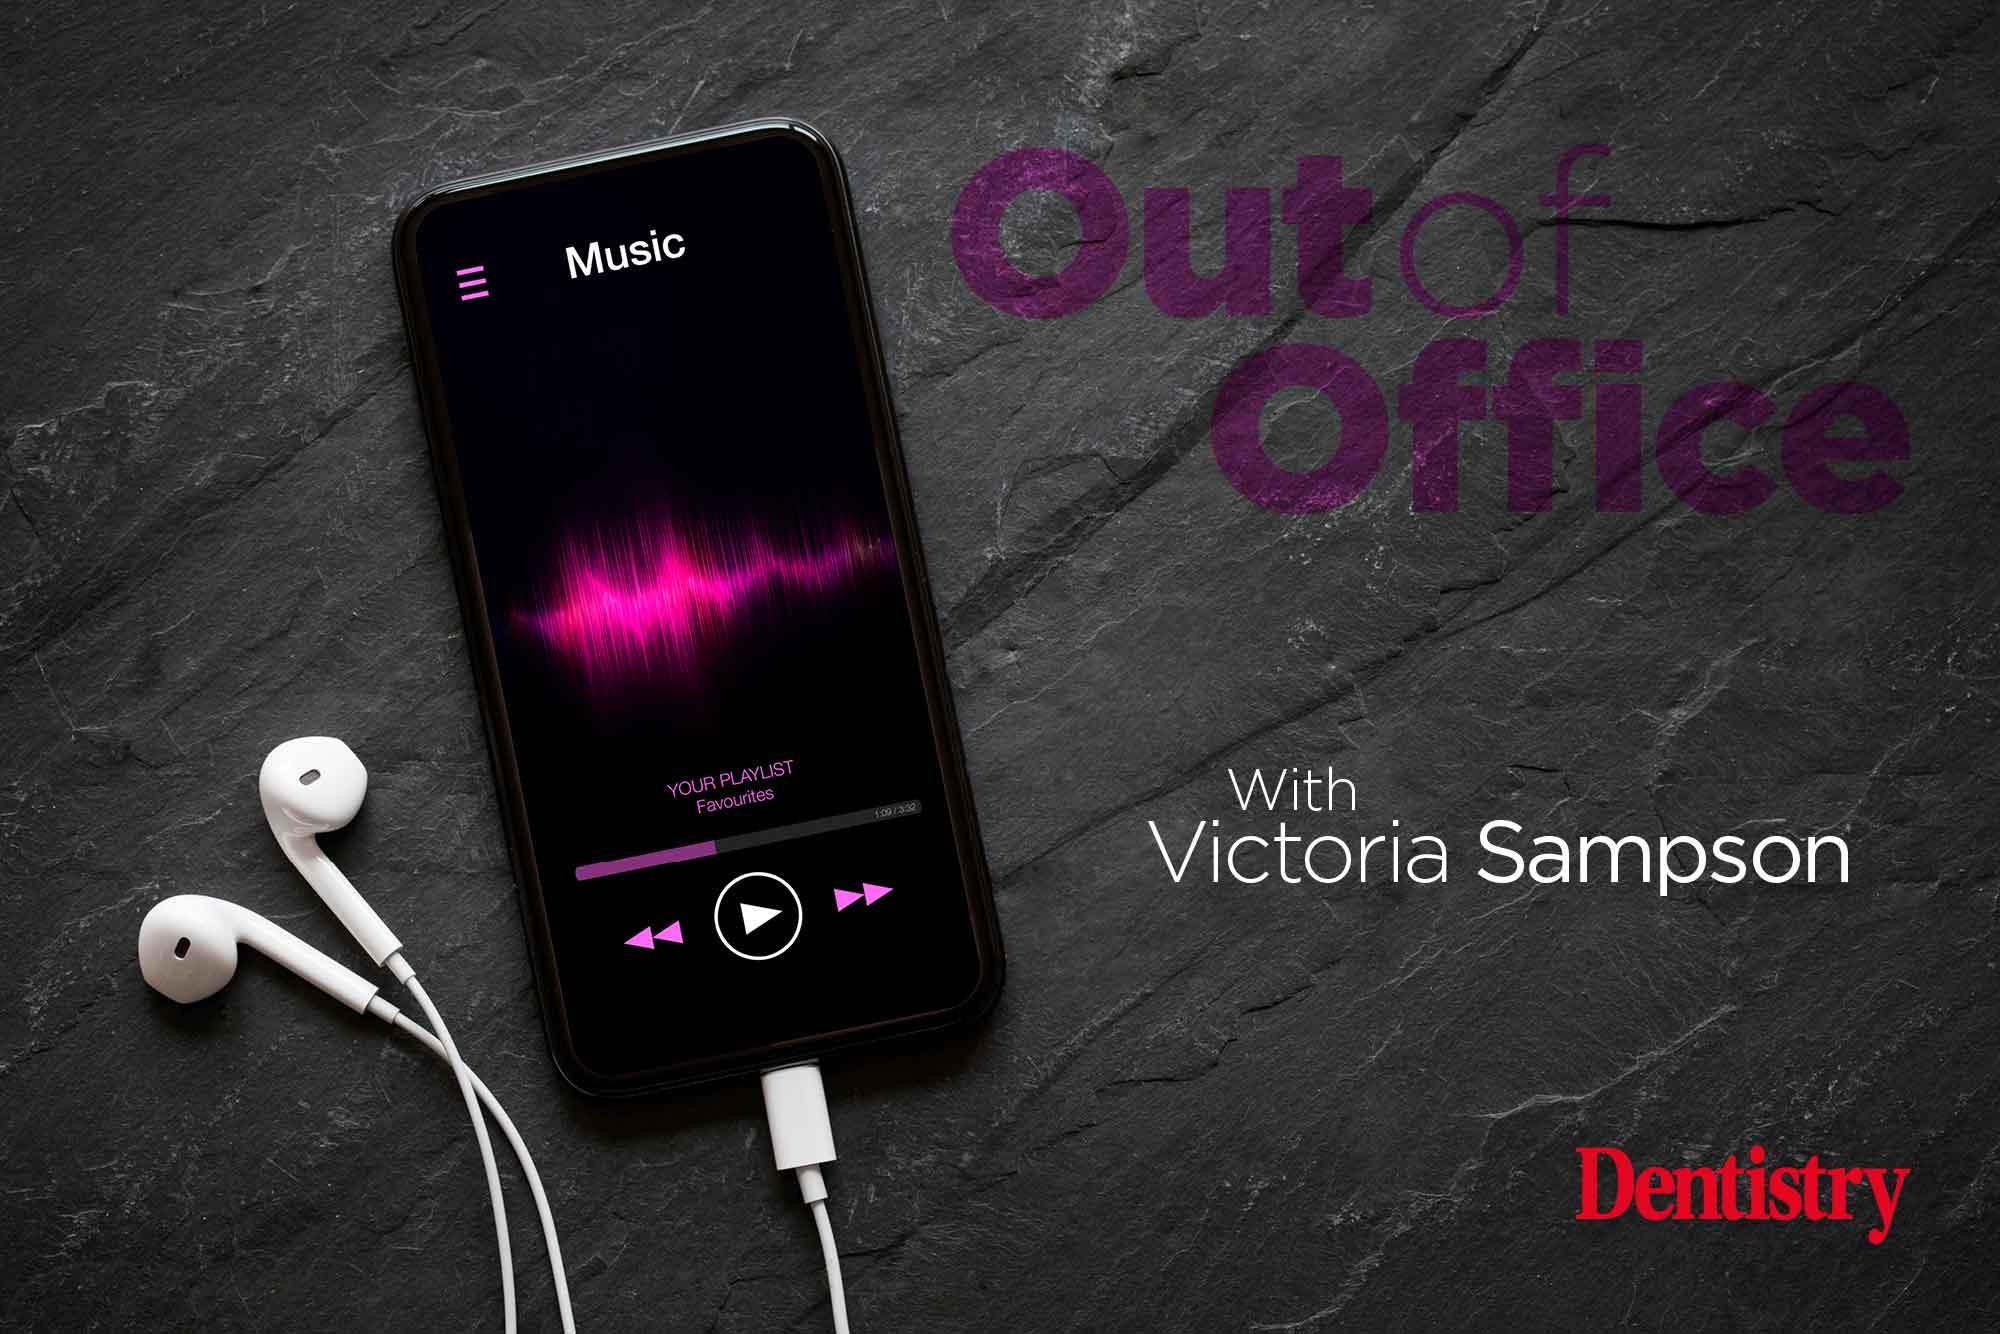 VIctoria Sampson